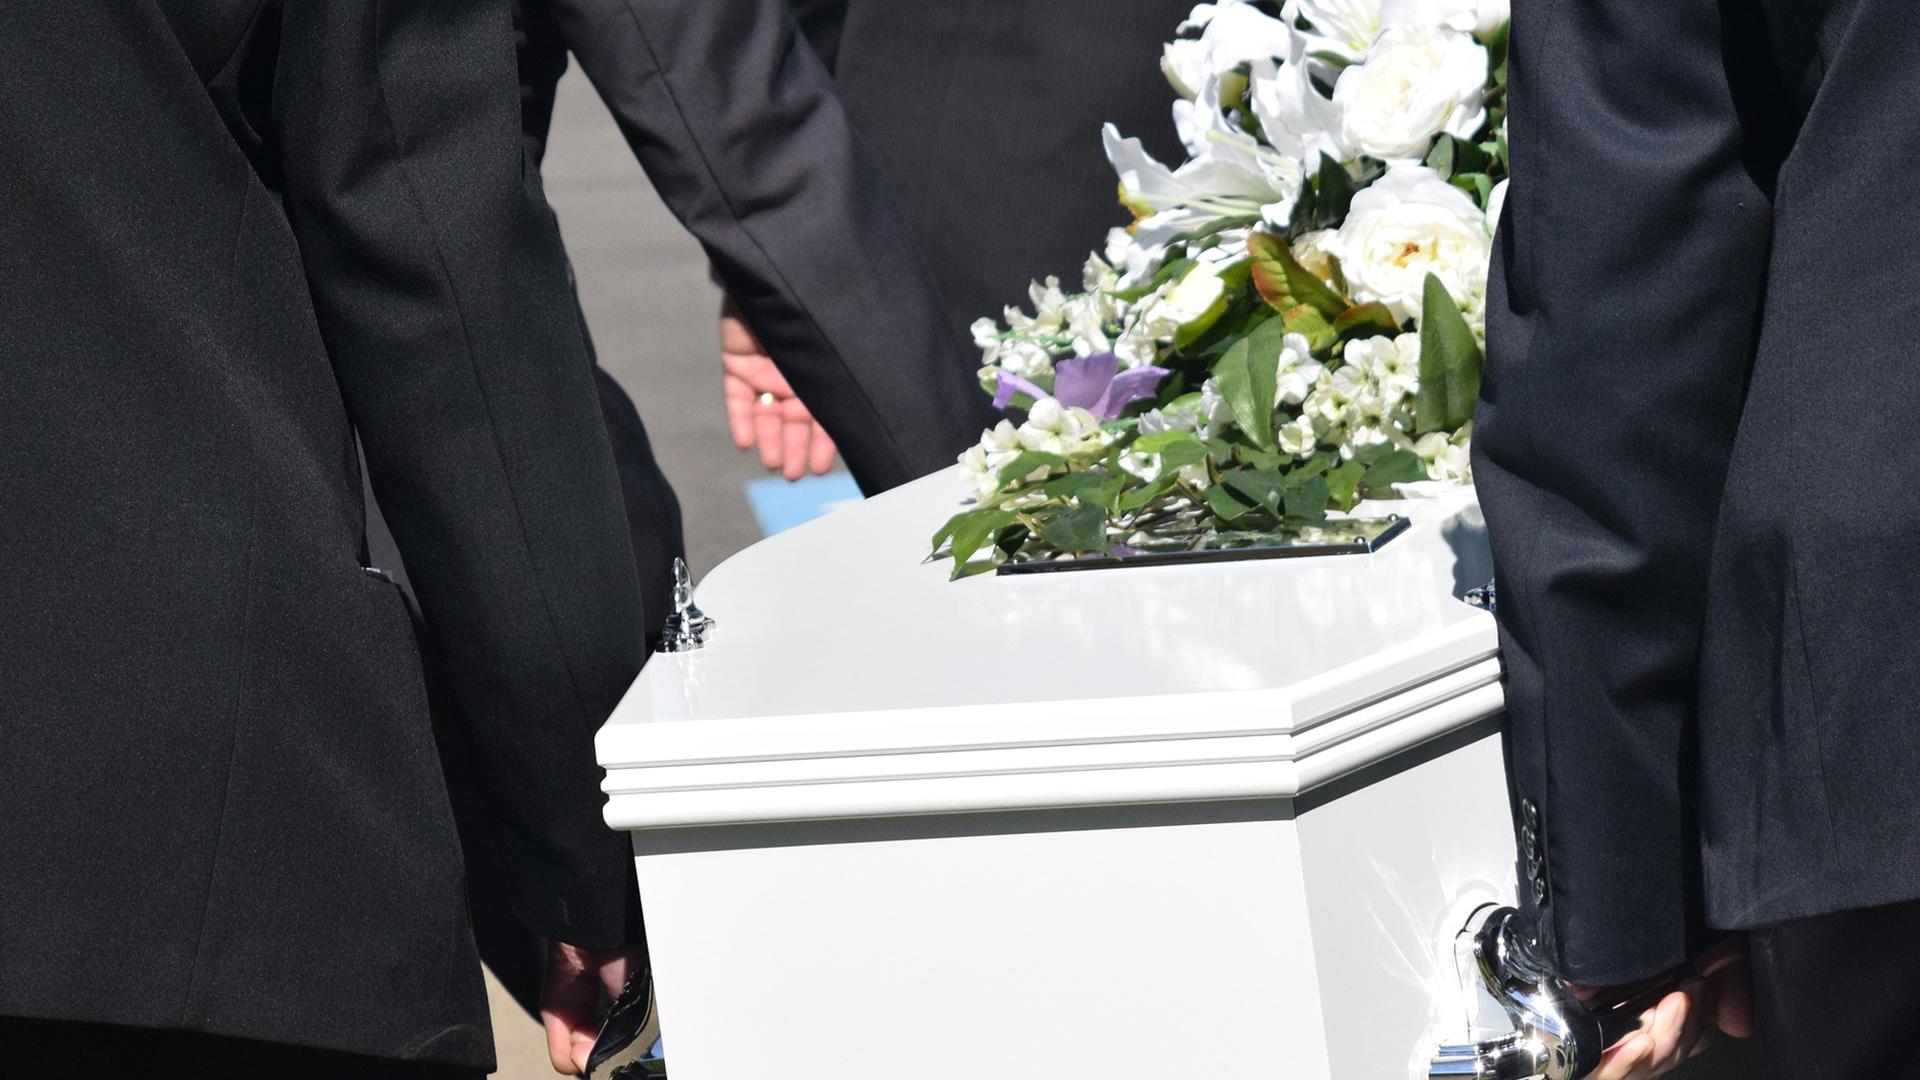 Dès le 15 avril, le carton et l'osier autorisés pour les cercueils en Wallonie